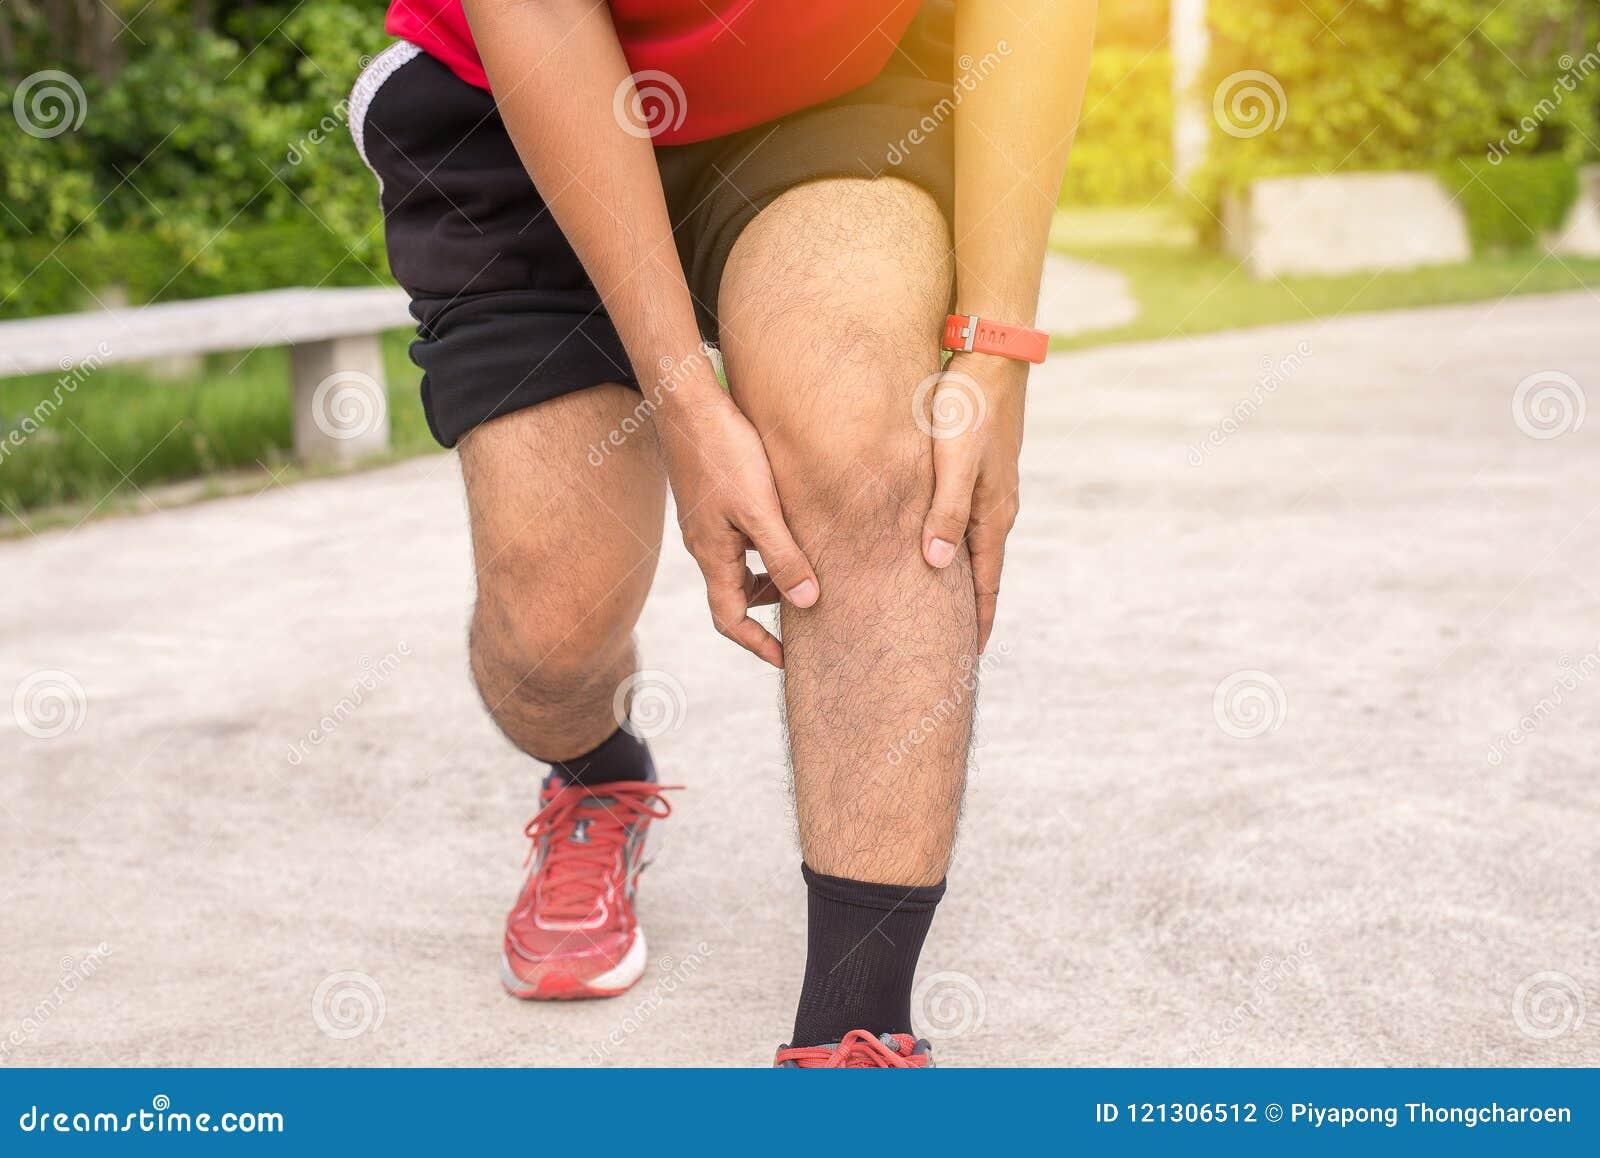 Las piernas entrenamiento dolor del en después